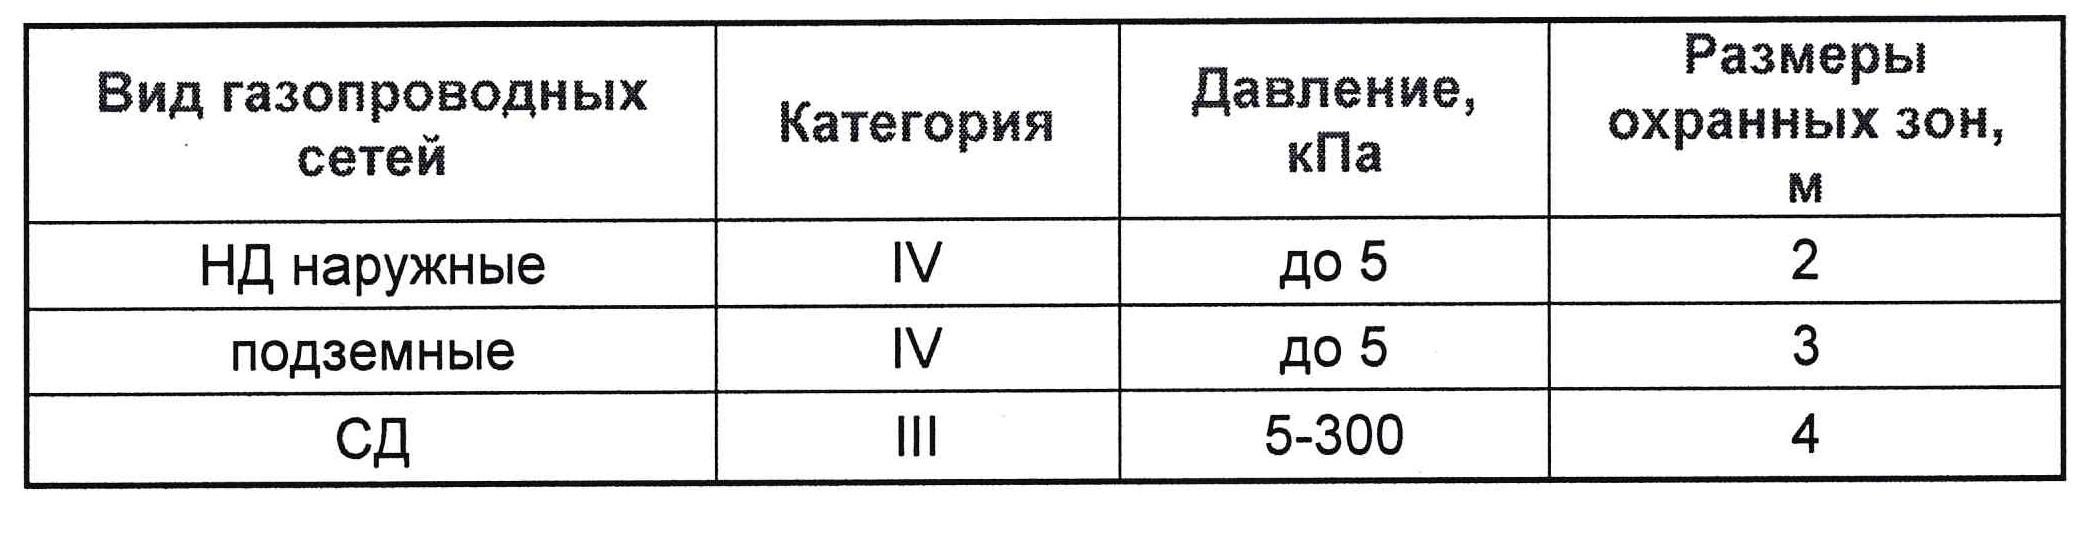 Таблица зависимости давления и размера охранных зон